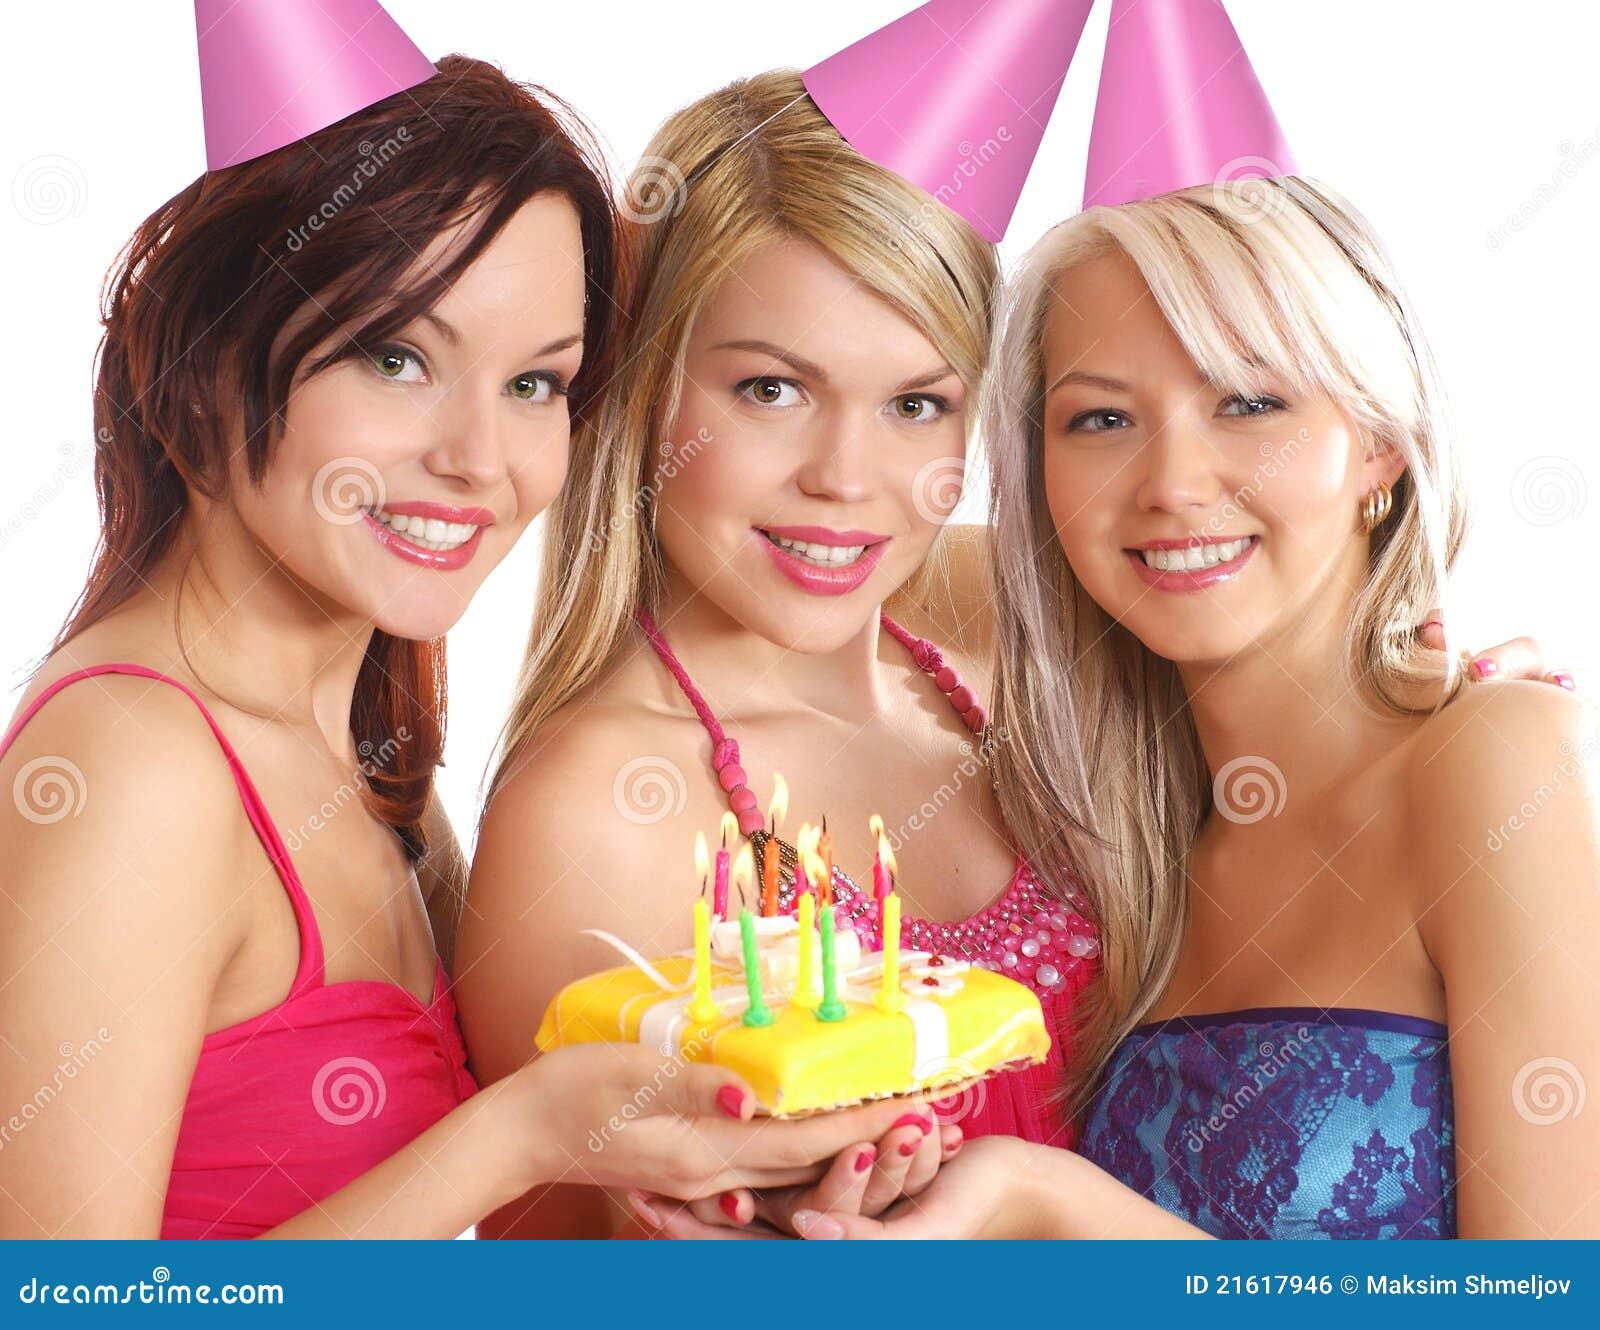 Drei Junge Frauen, Die Einen Geburtstag Feiern Stockfoto - Bild von dame, freude: 21617946